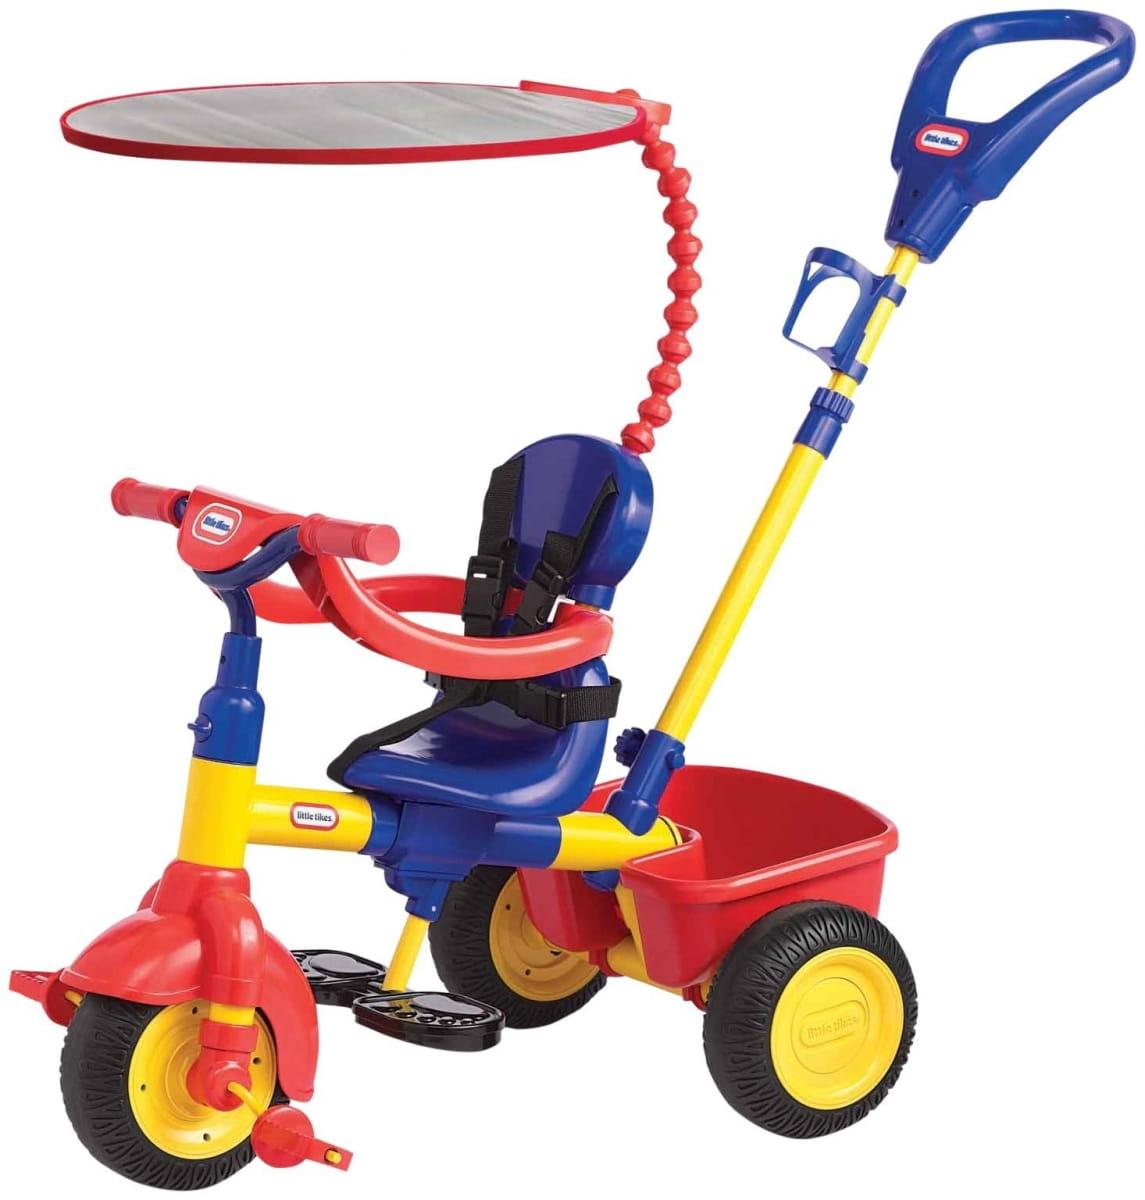 Детский трехколесный велосипед Little Tikes 627354 3 в 1 красно-синий